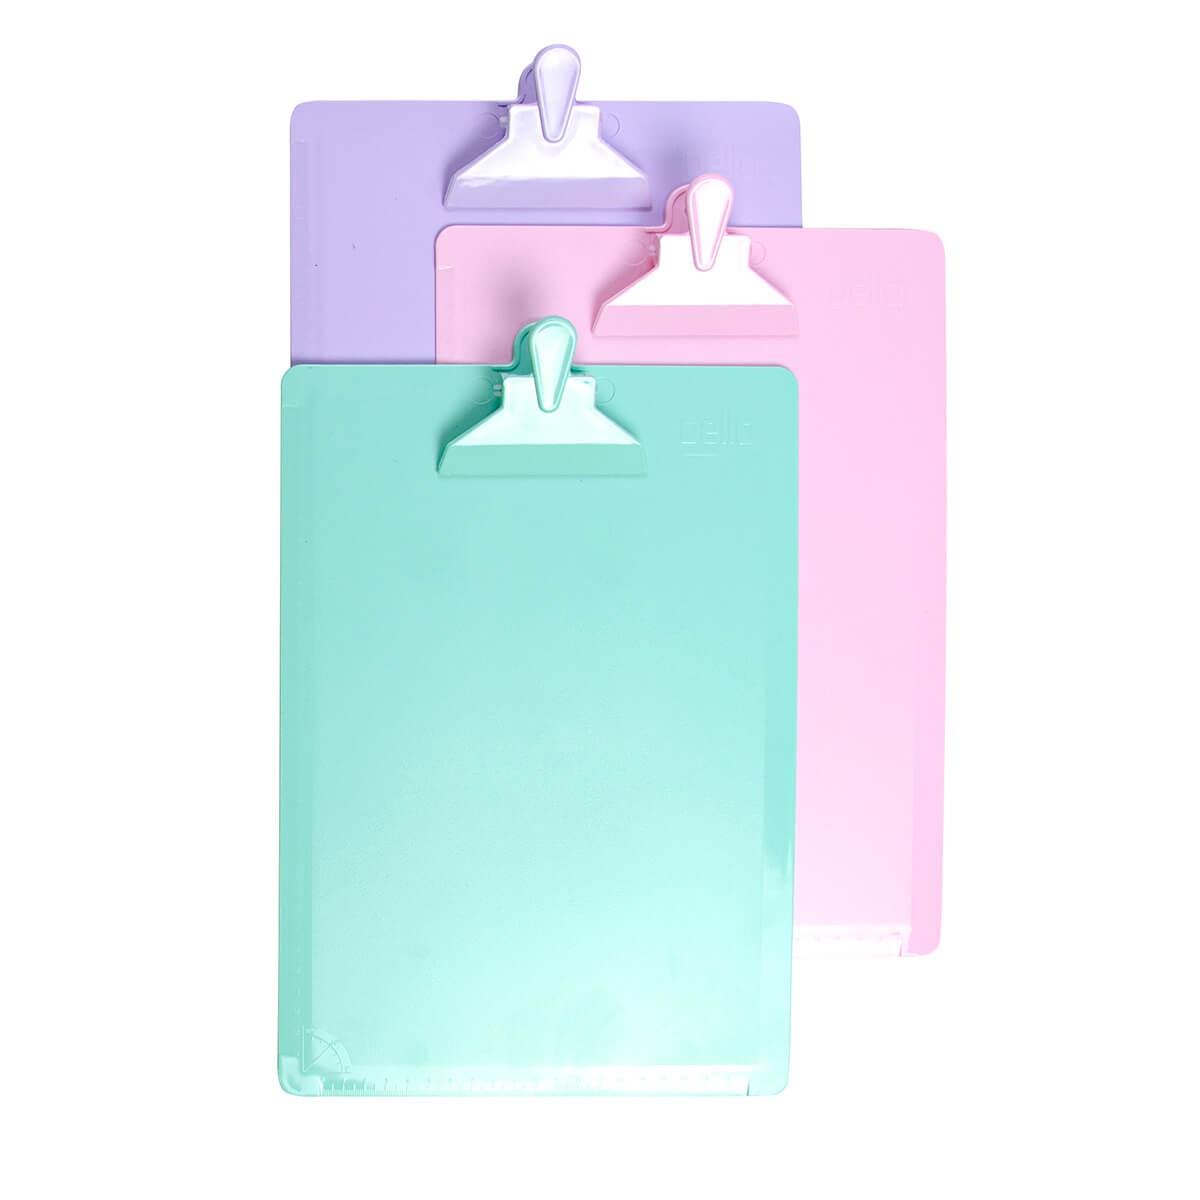 Prancheta Ofício Dello Color Serena  - Papel Pautado